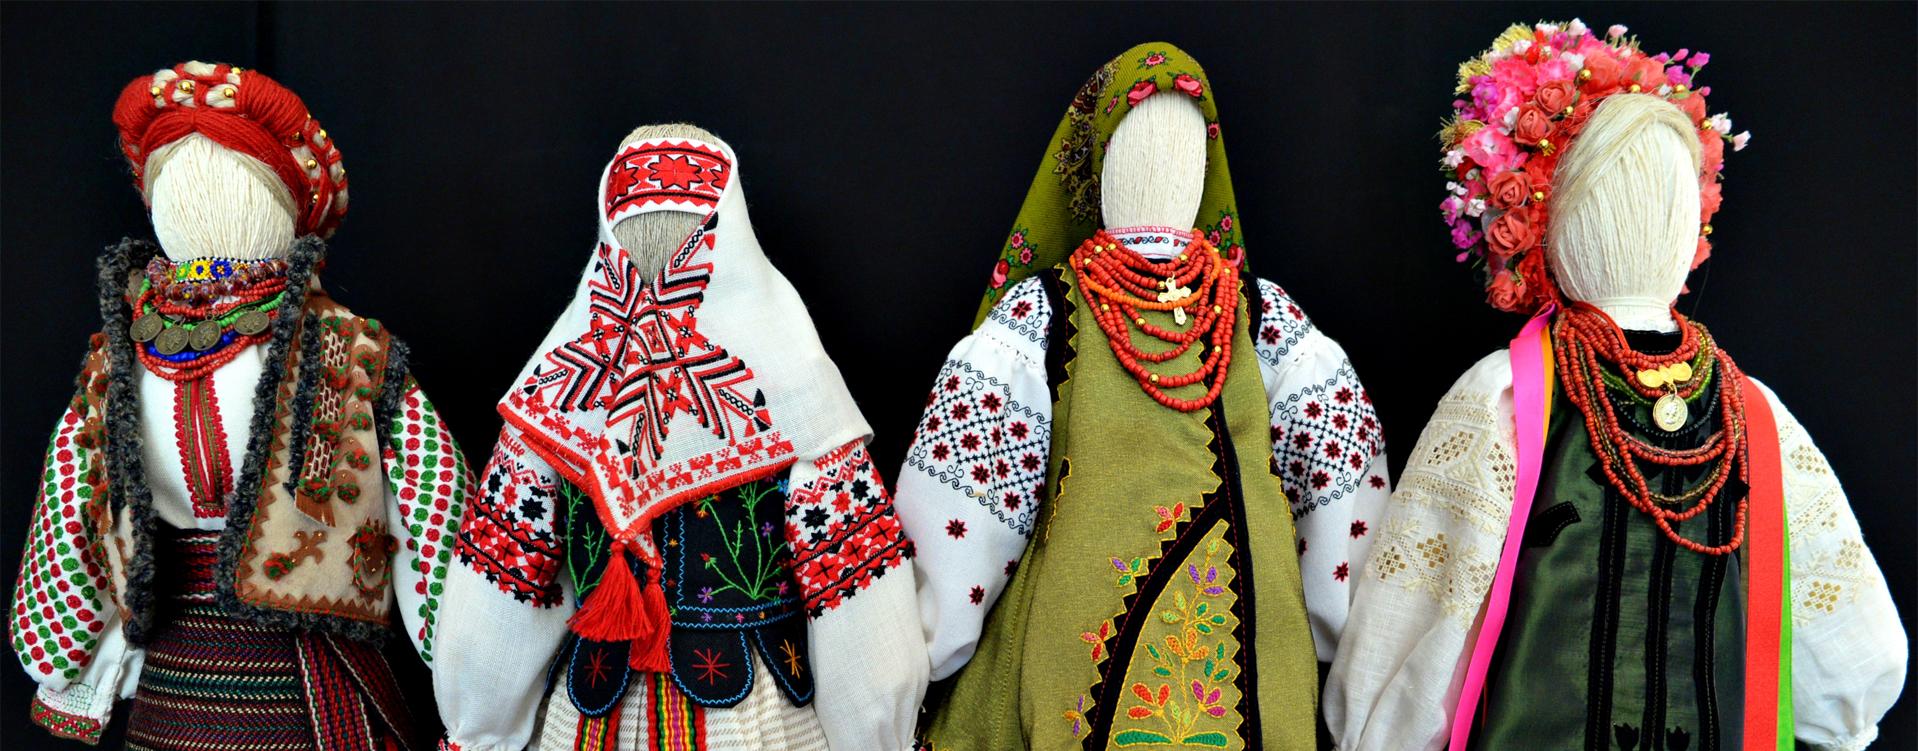 Folk Arts Header Image